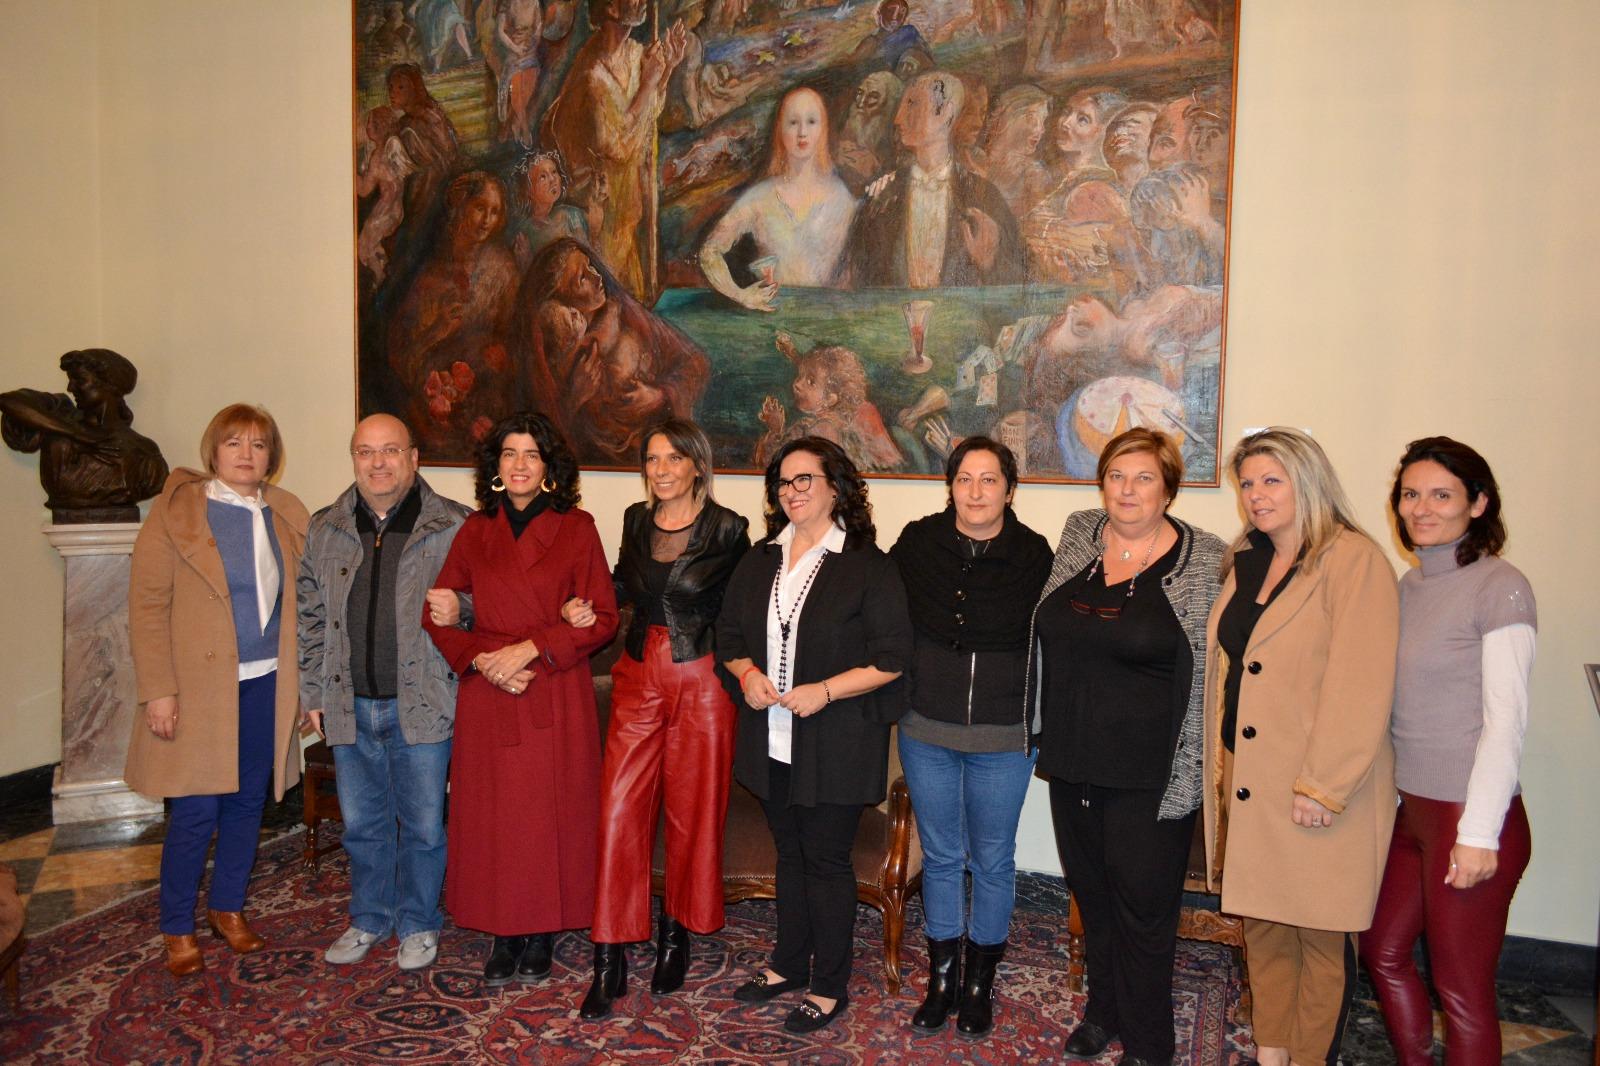 Giornata Mondiale della Prematurità: a Pescara iniziative in Ospedale e il ponte Ennio Flaiano illuminato di luce viola - Abruzzo in Video